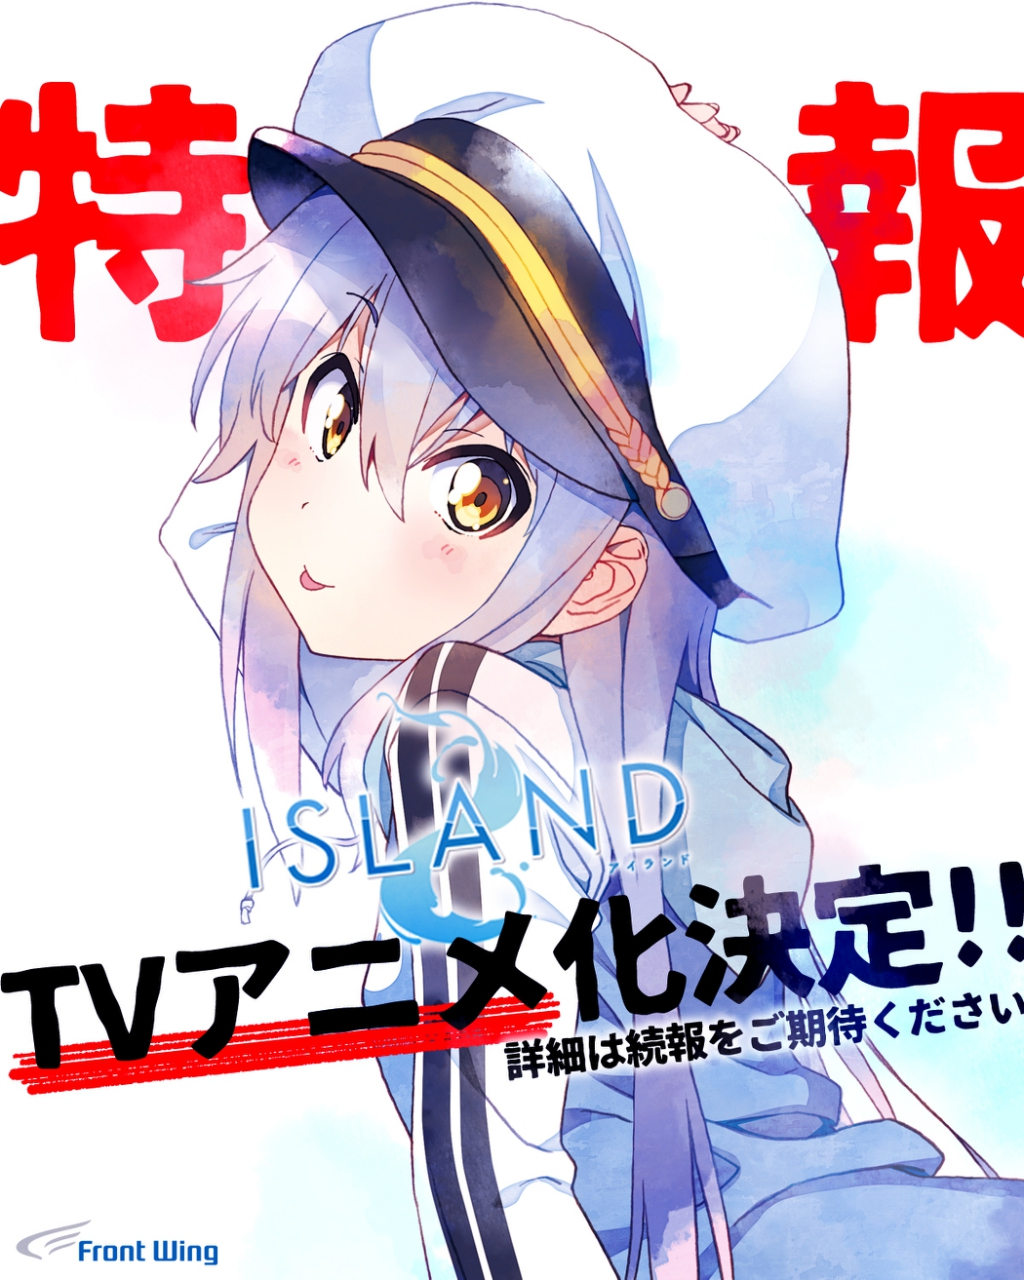 ISLAND&SILENTWORLD4/28発売決定(ぶらんくのーと-トップ絵)